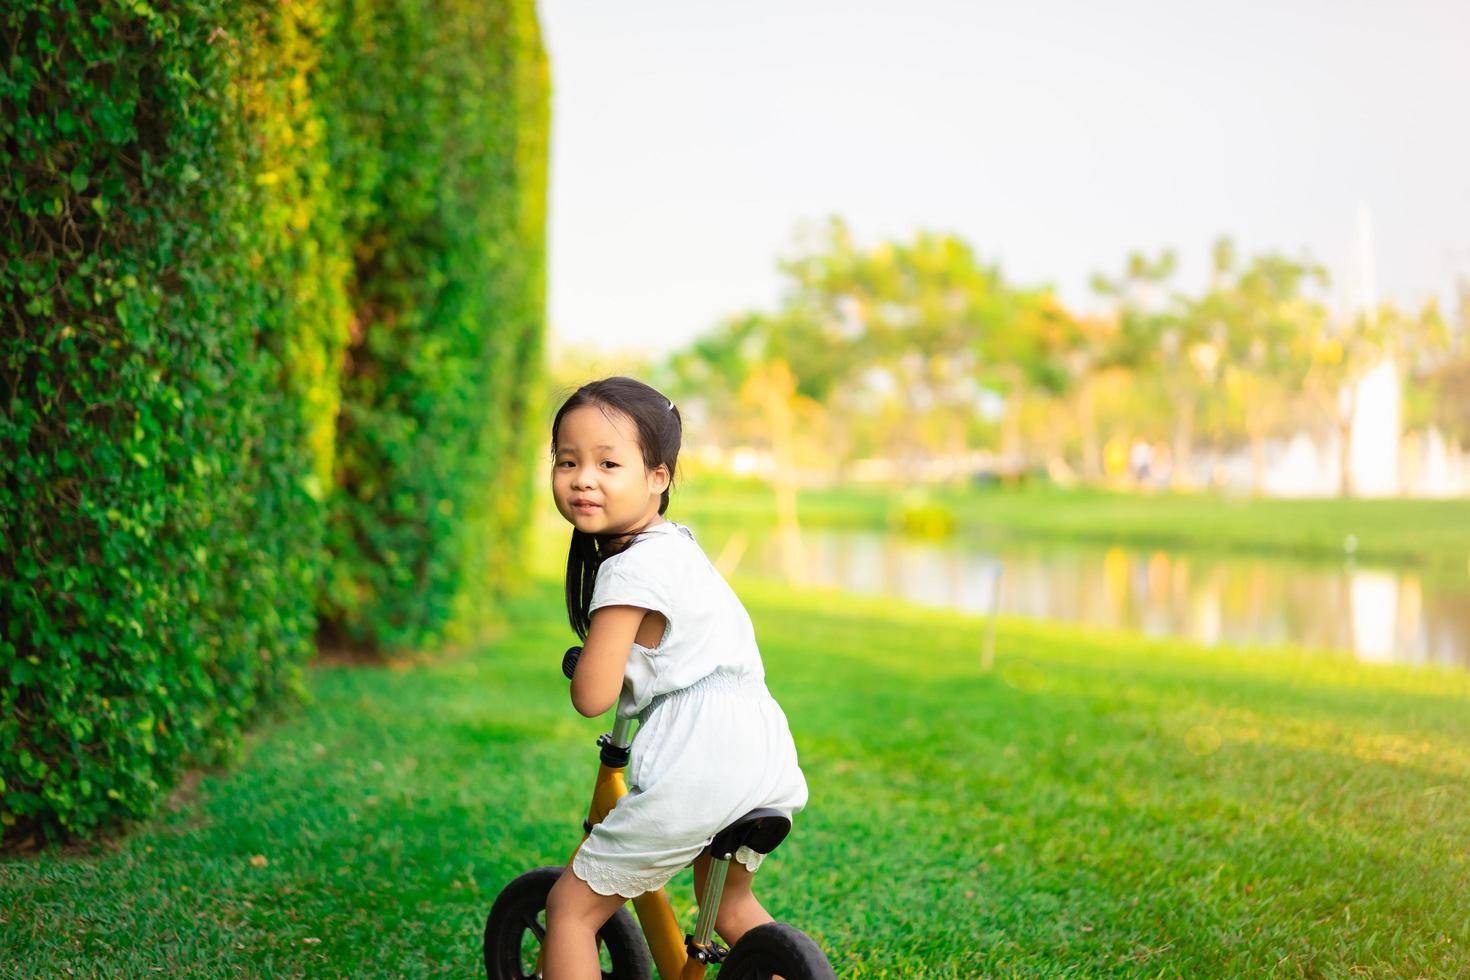 kleines Mädchen, das Laufrad im Park reitet foto